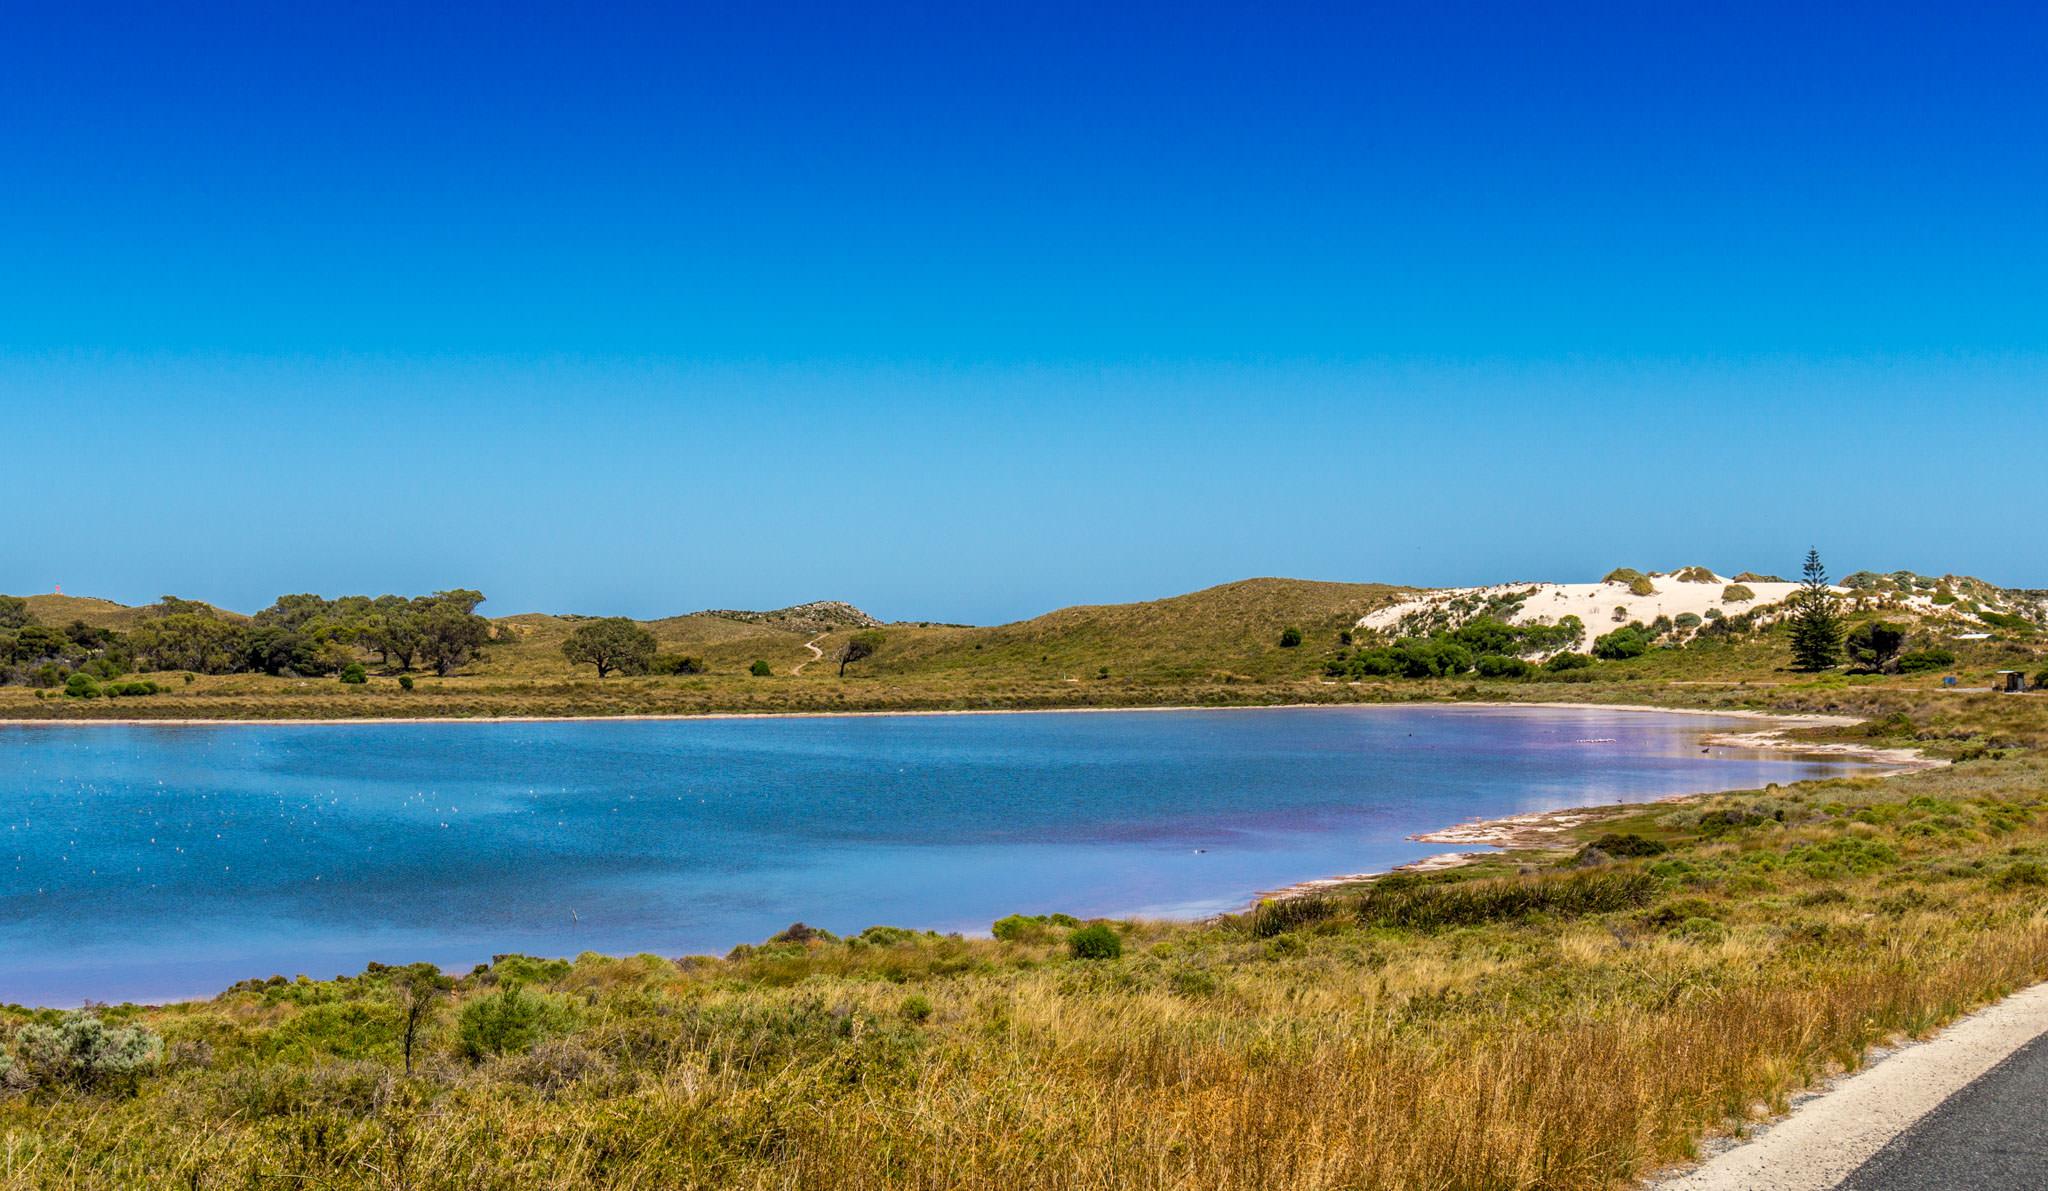 Pinker Schimmer auf einem Salzsee auf Rottnest Island nahe dem Pink Lake